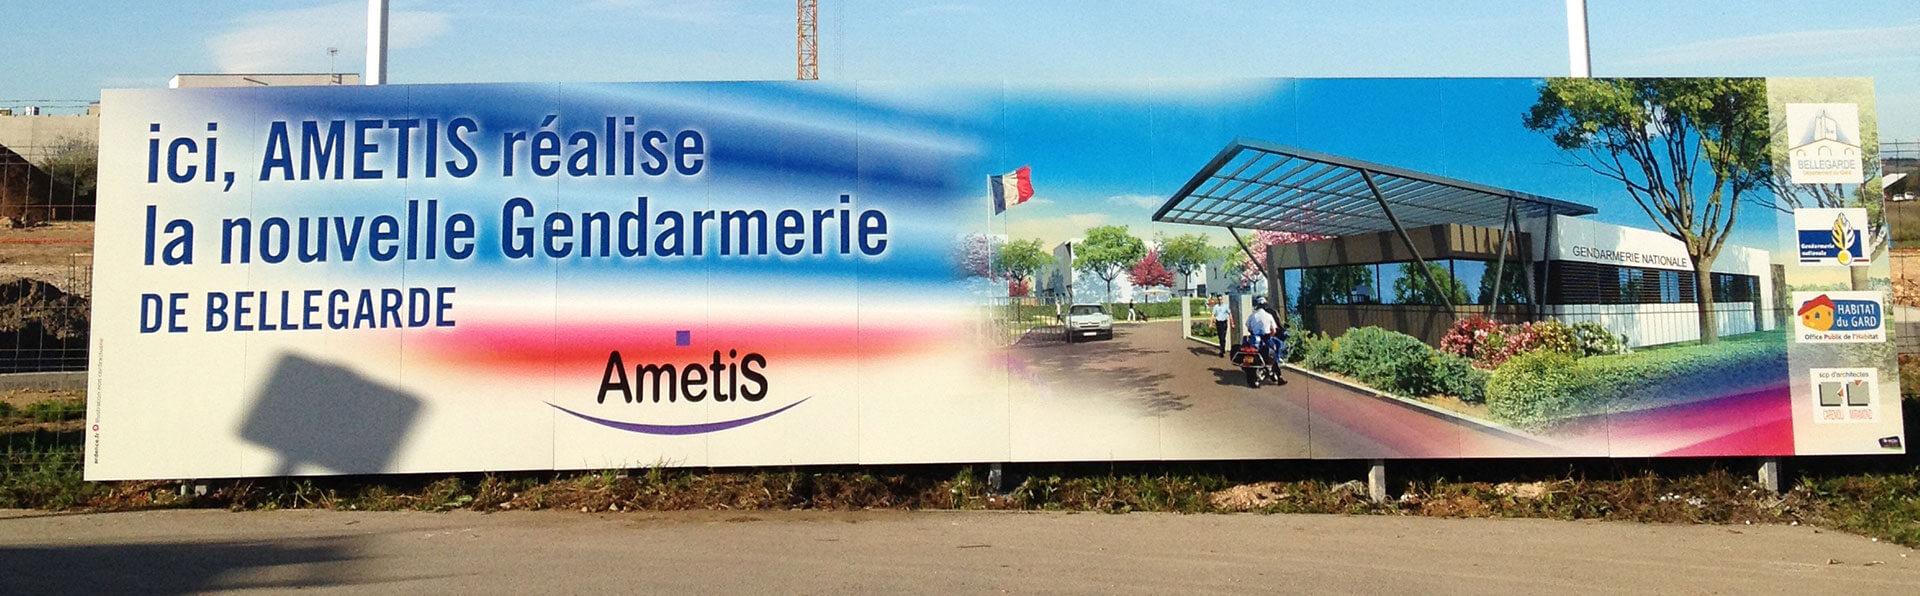 Panneau publicitaire immobilier - Ametis - Easypanneau